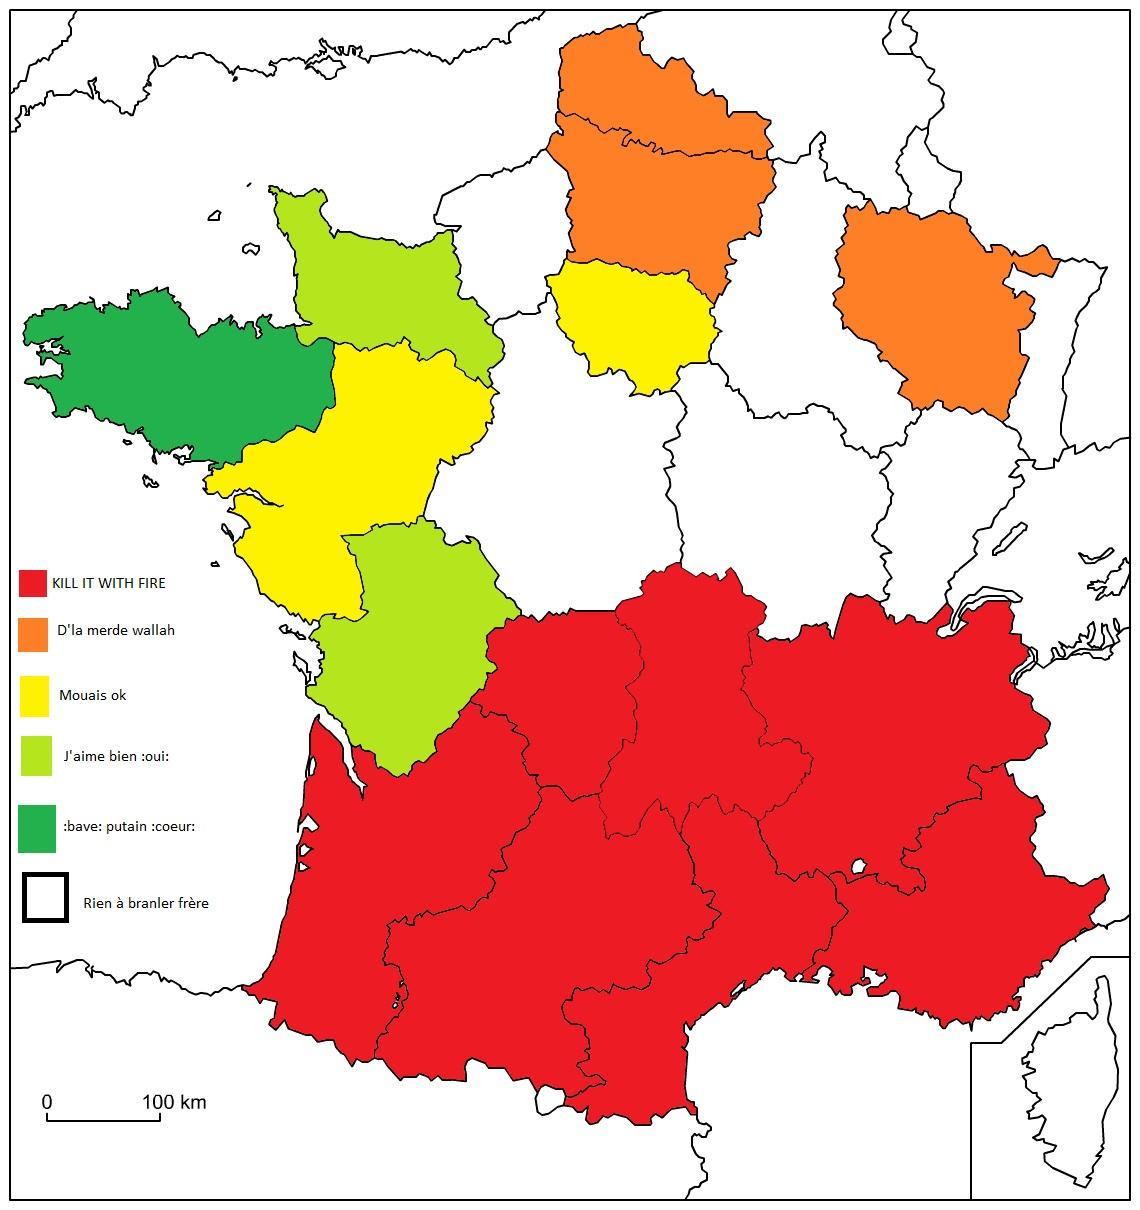 Dessin] Colorier Votre Carte De France :oui: Sur Le Forum tout Coloriage Carte De France